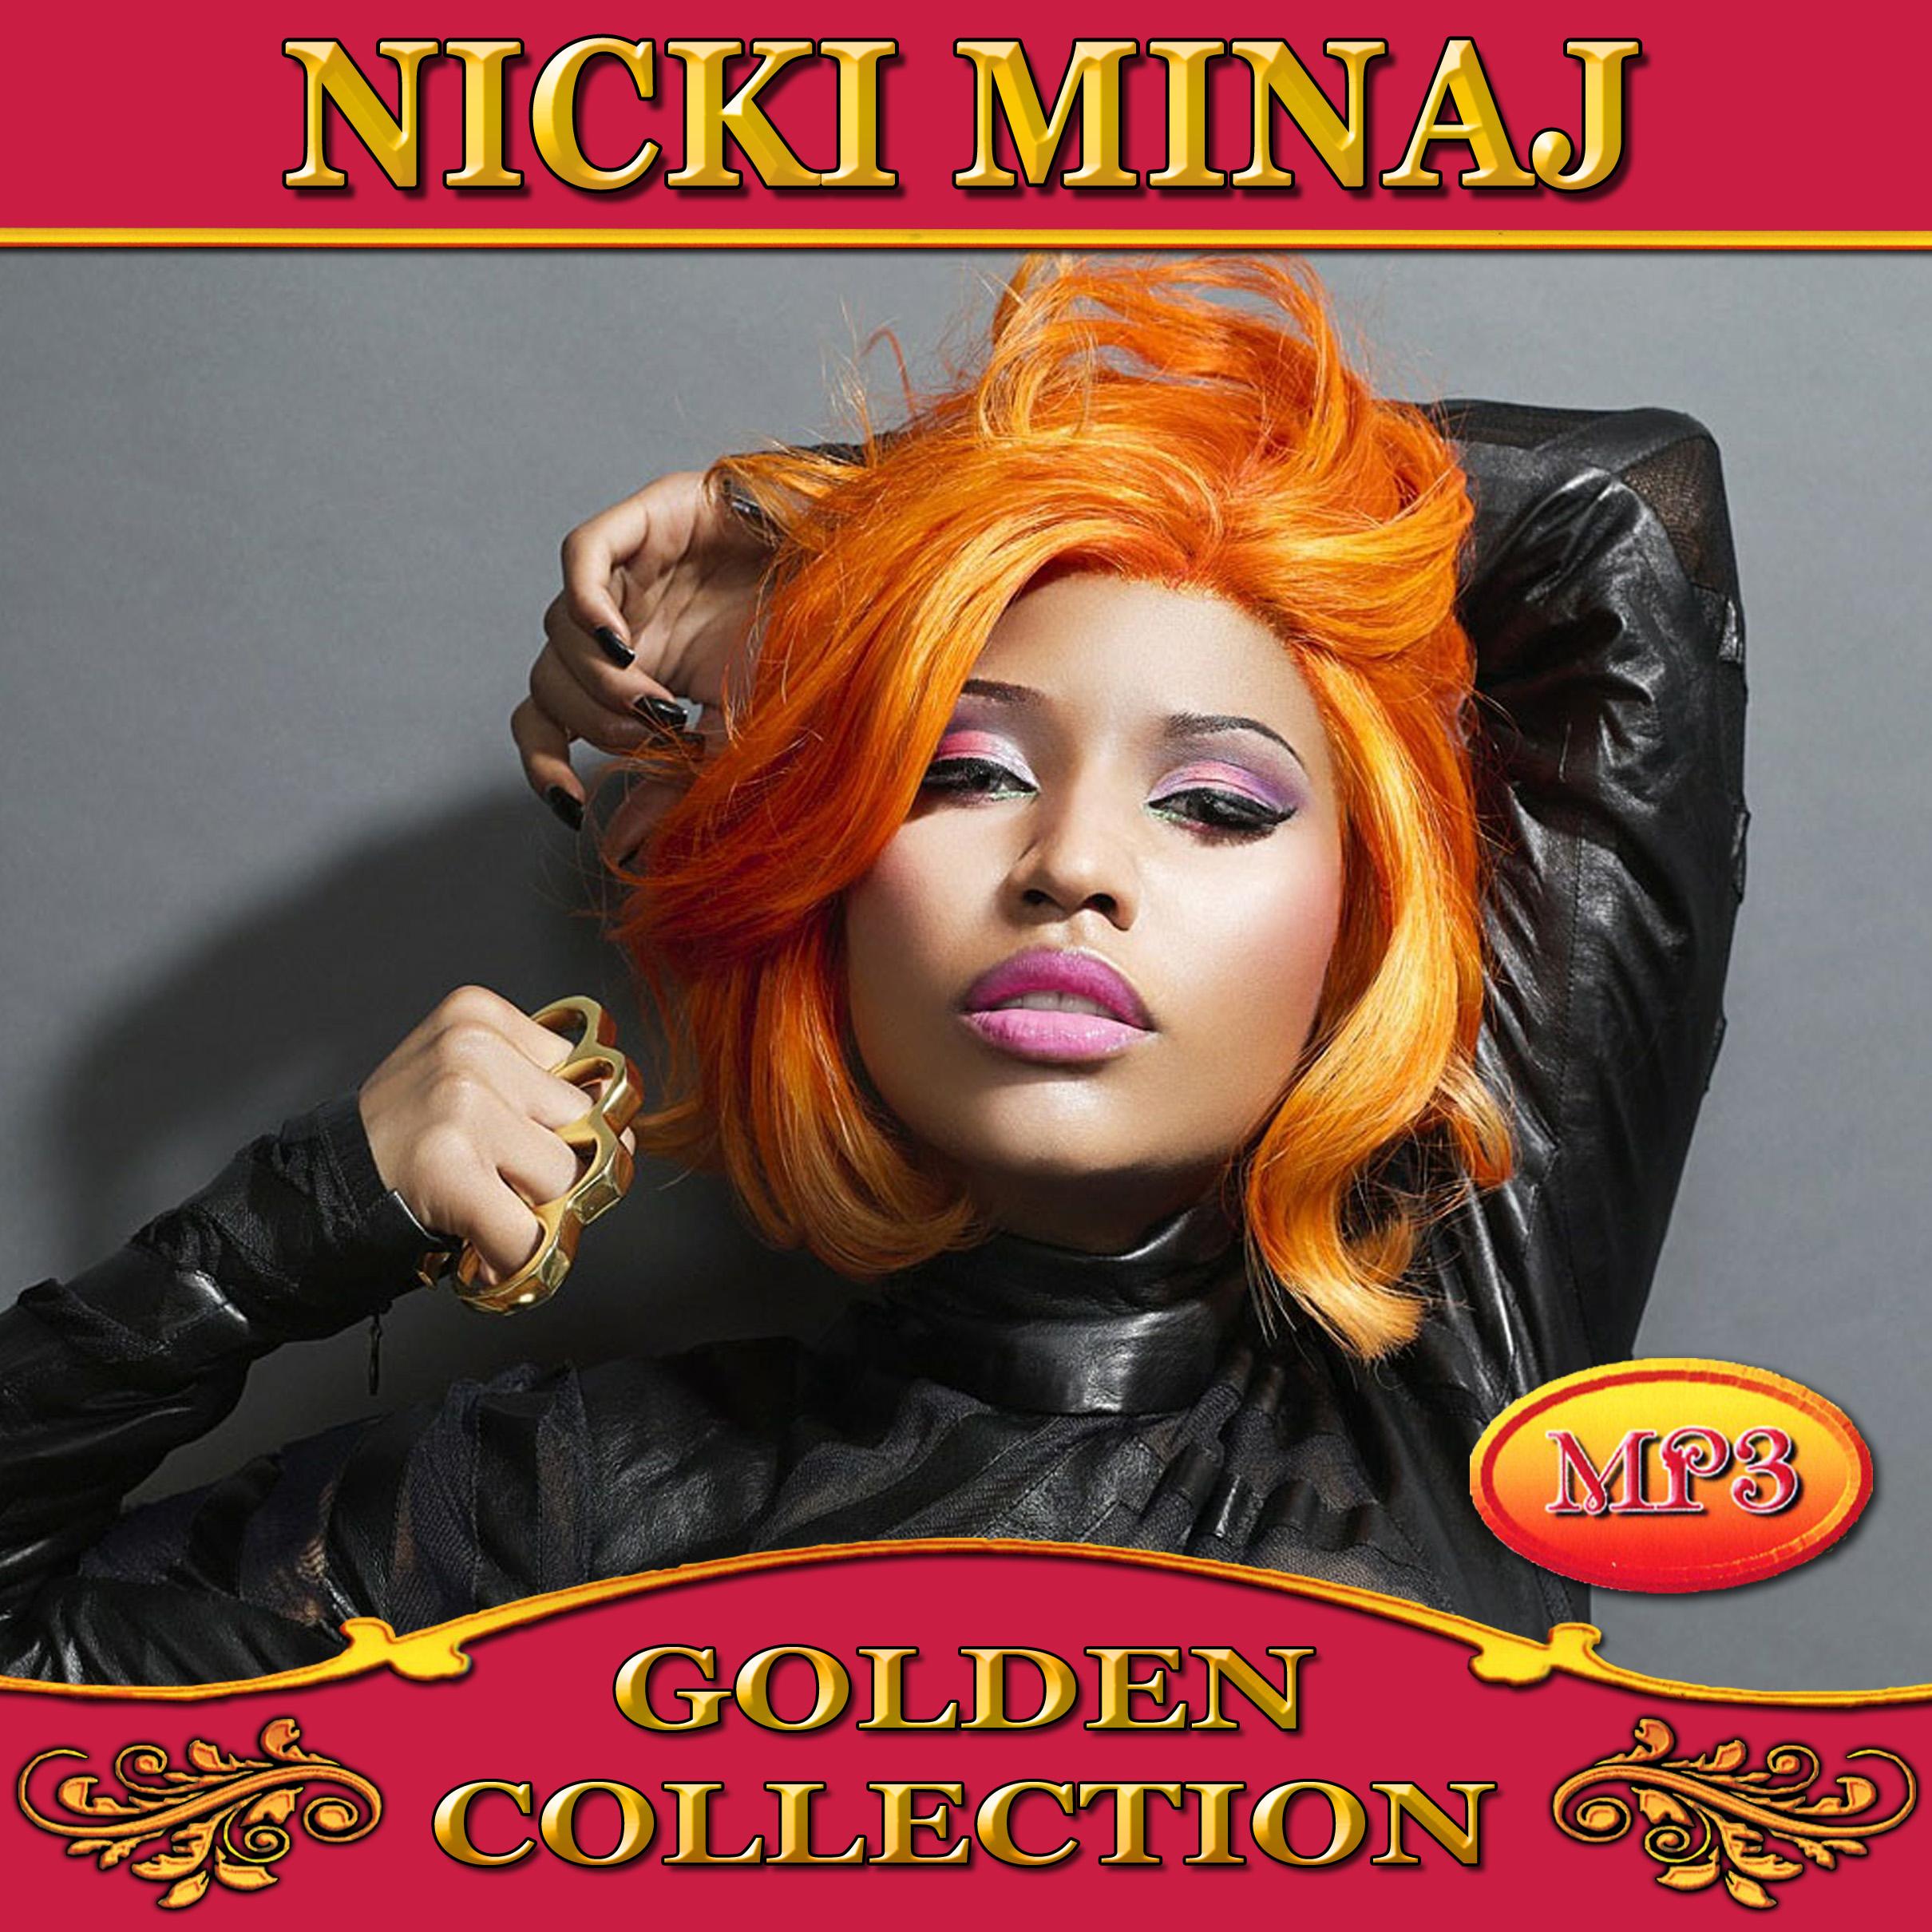 Nicki Minaj [mp3]